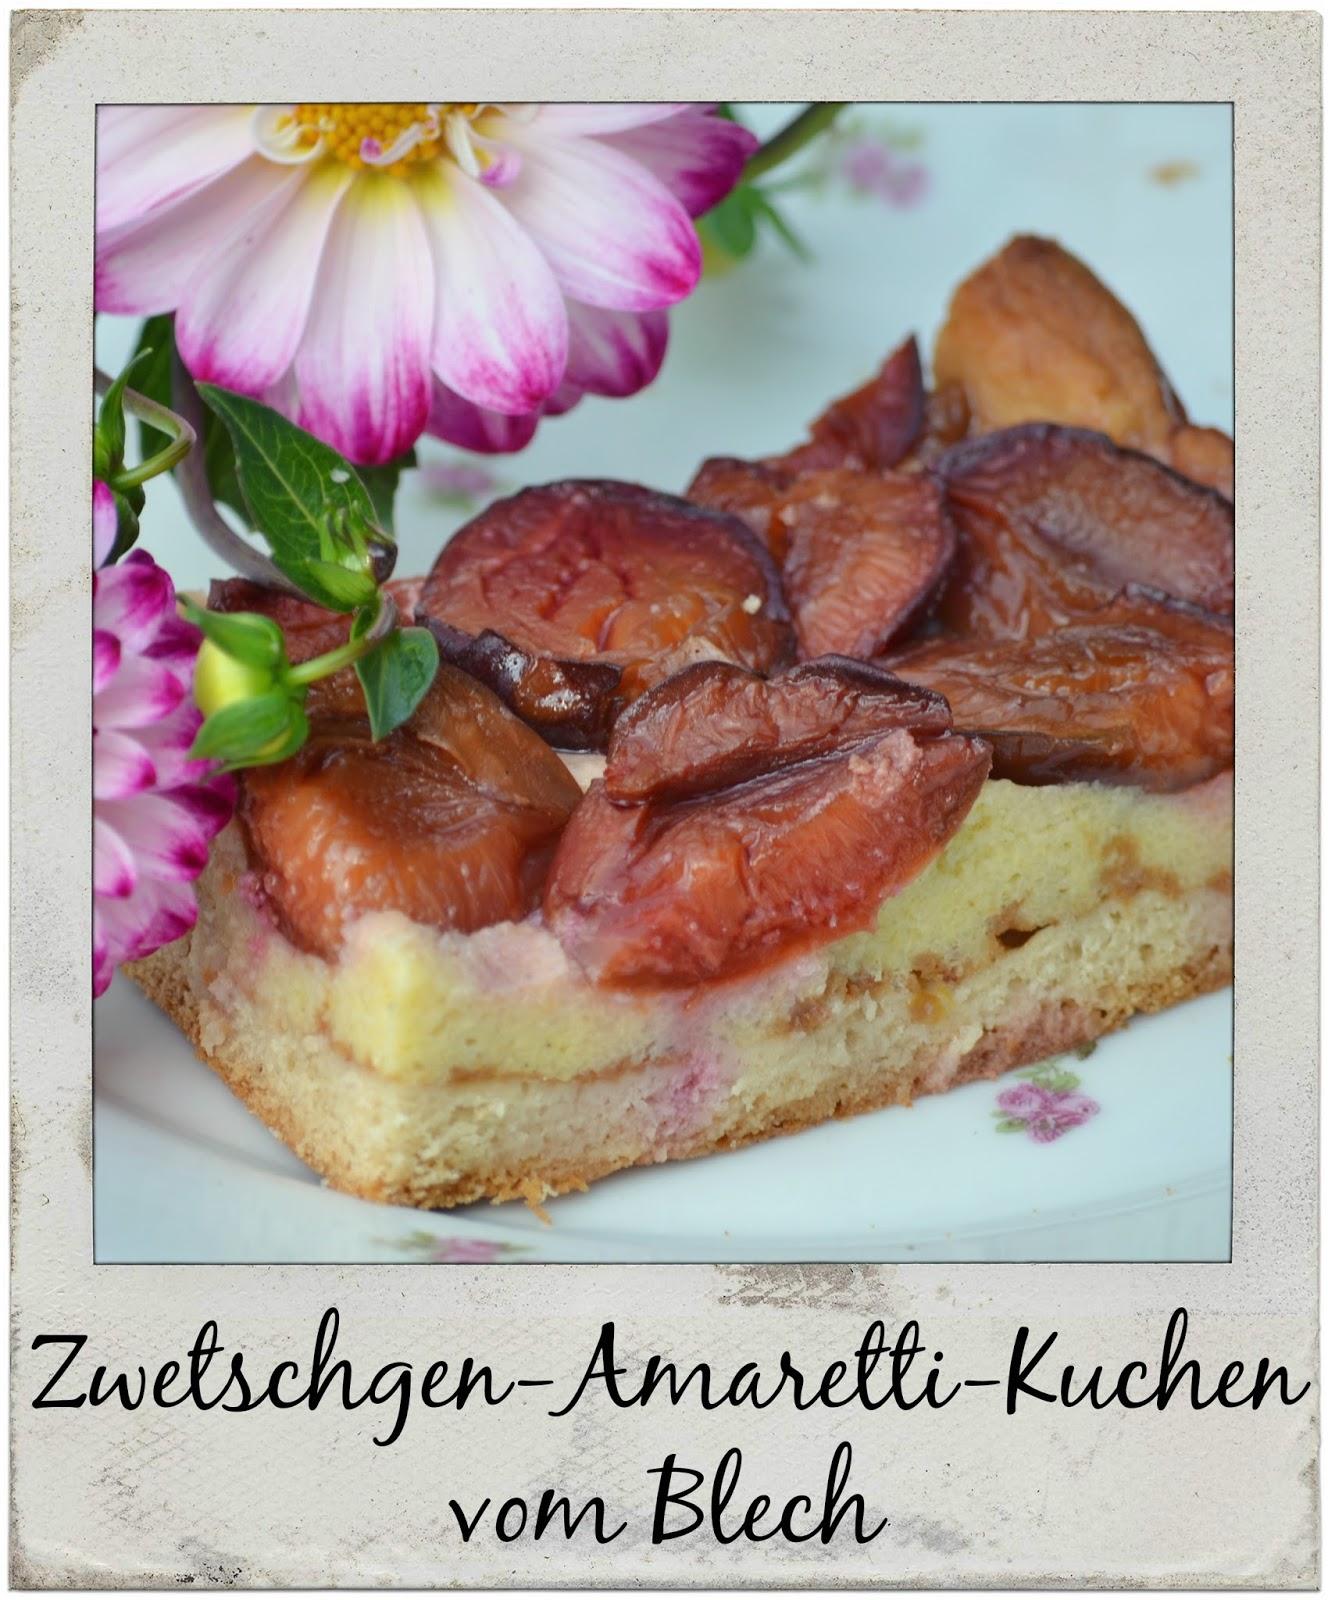 http://gemachtesundgedachtes.blogspot.de/2014/09/zwetschgen-amaretti-kuchen.html